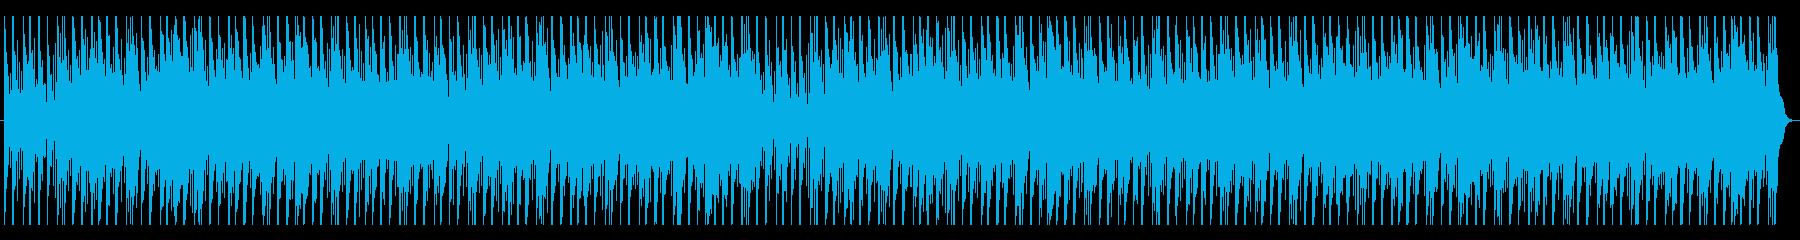 和太鼓と尺八の迫力のあるBGMの再生済みの波形